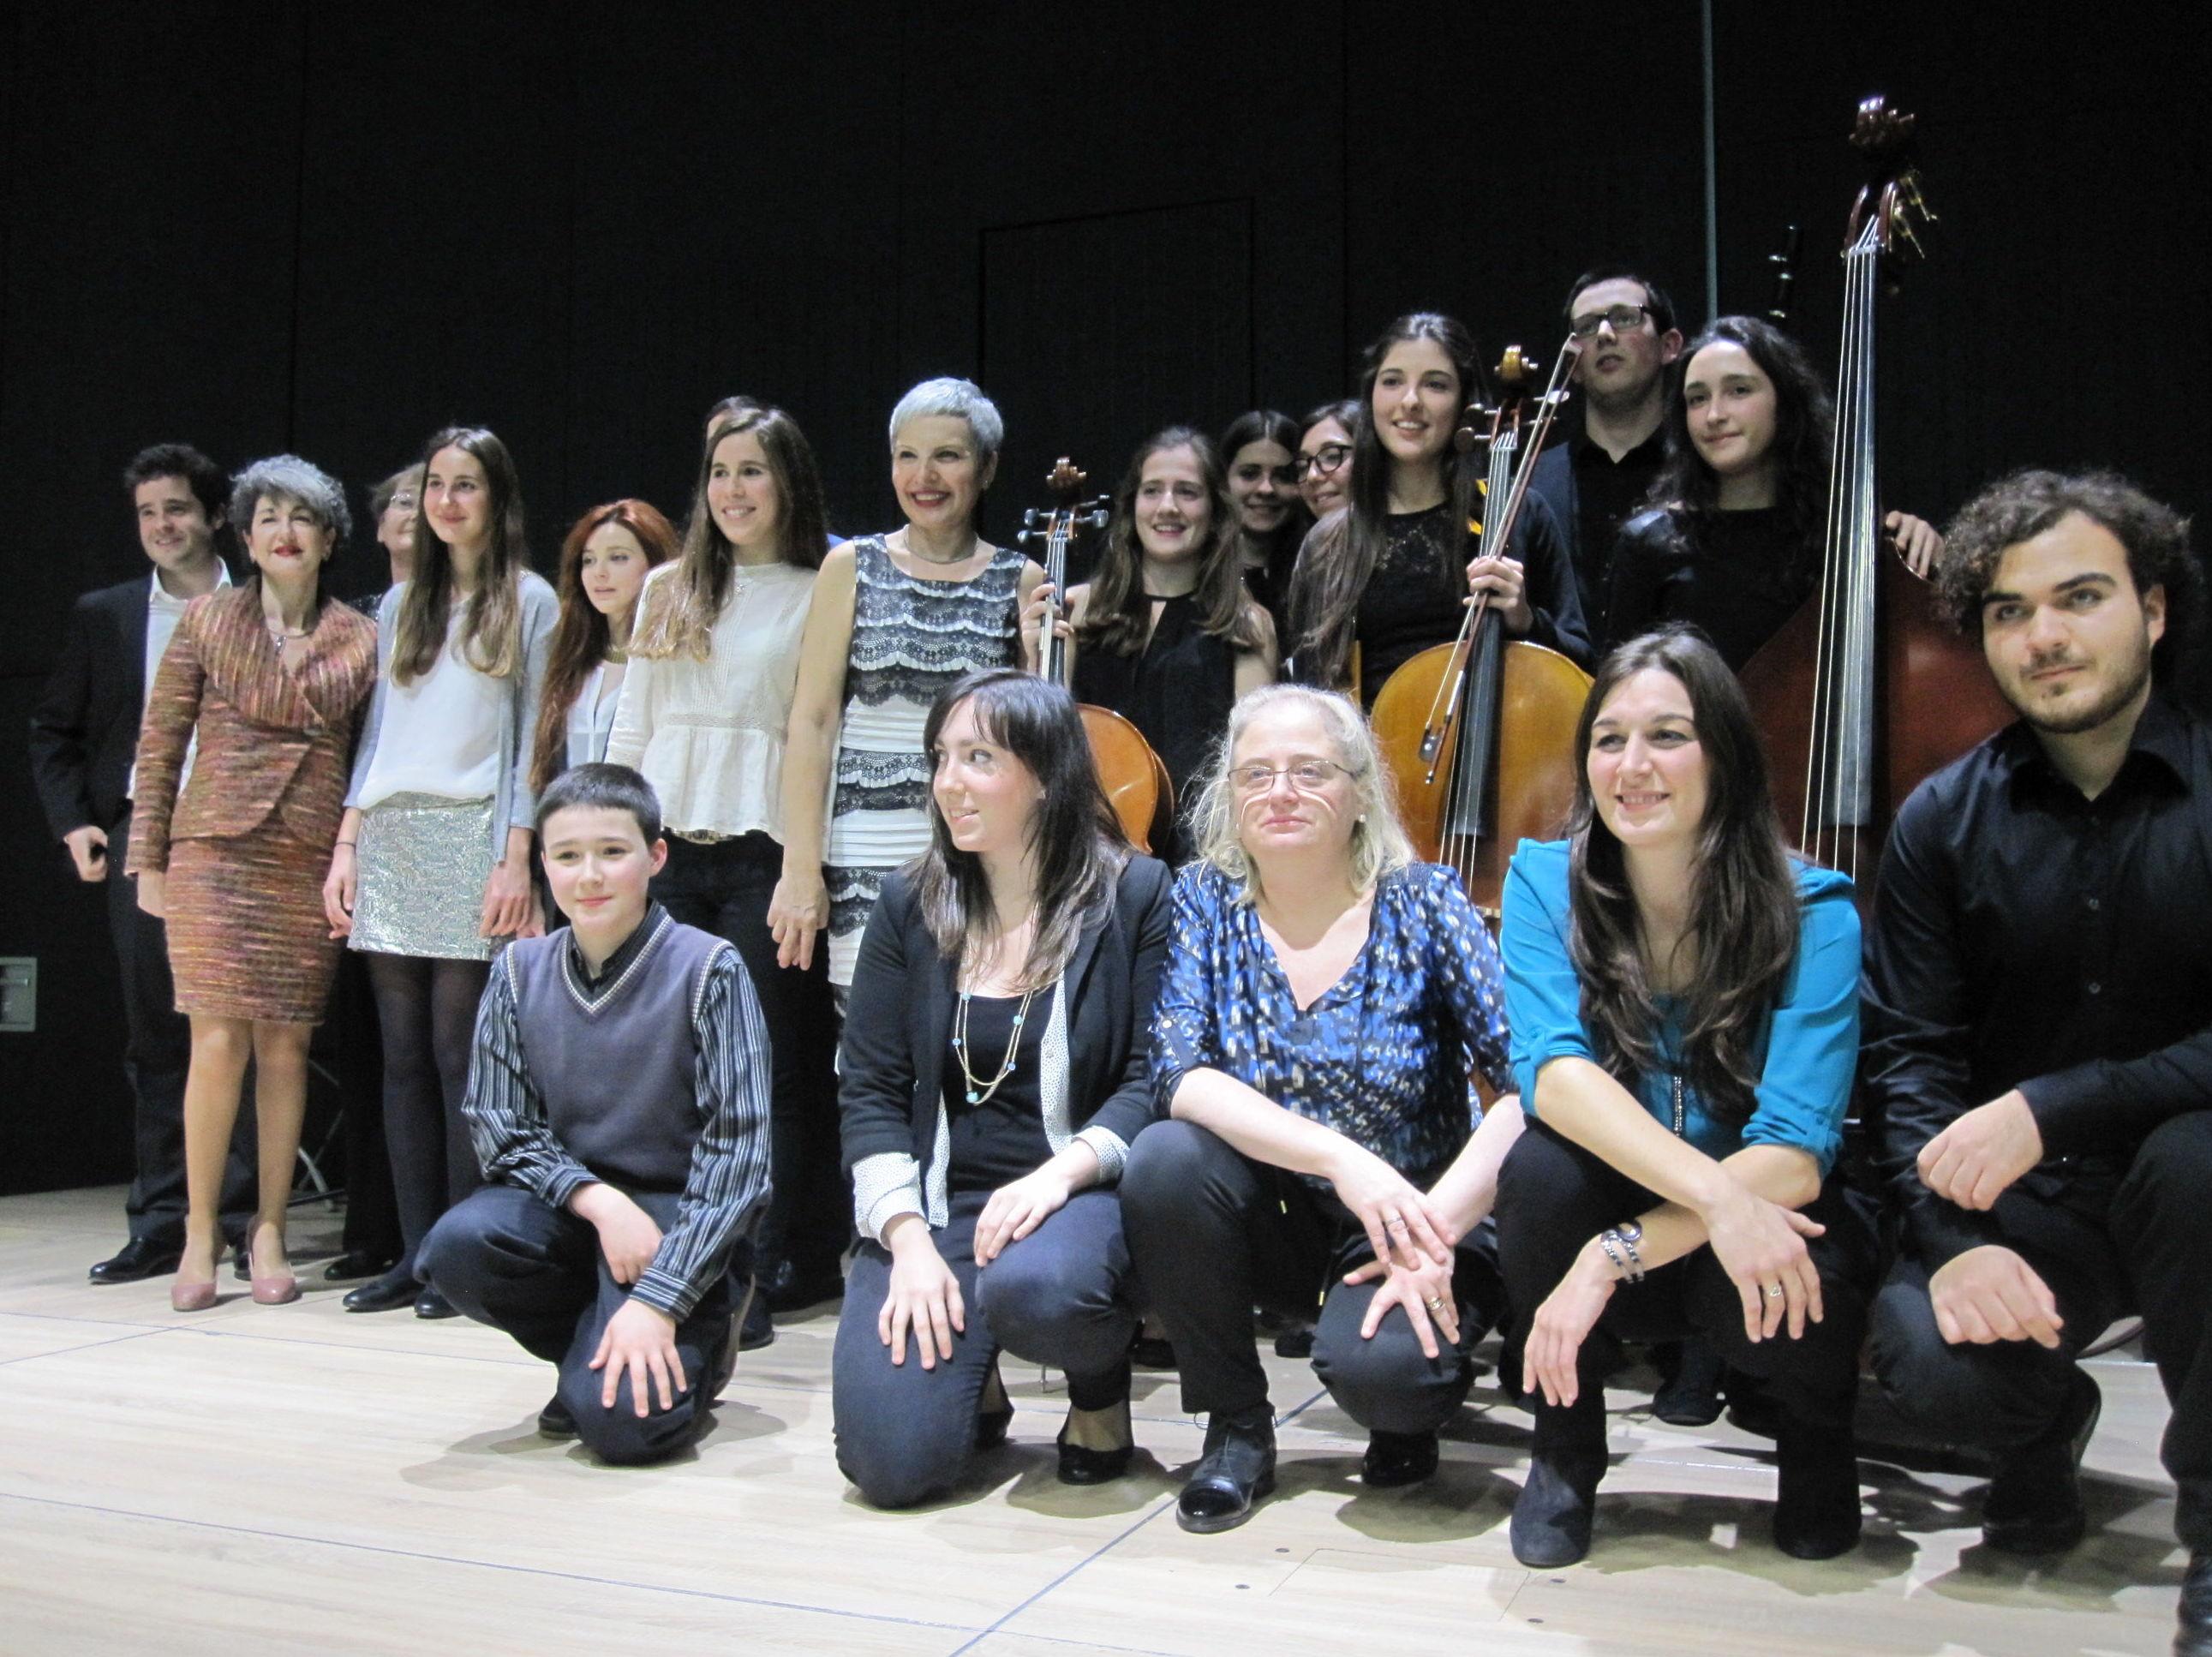 Foto 14 de Escuelas de música, danza e interpretación en Deusto-Bilbao | ARTEBI